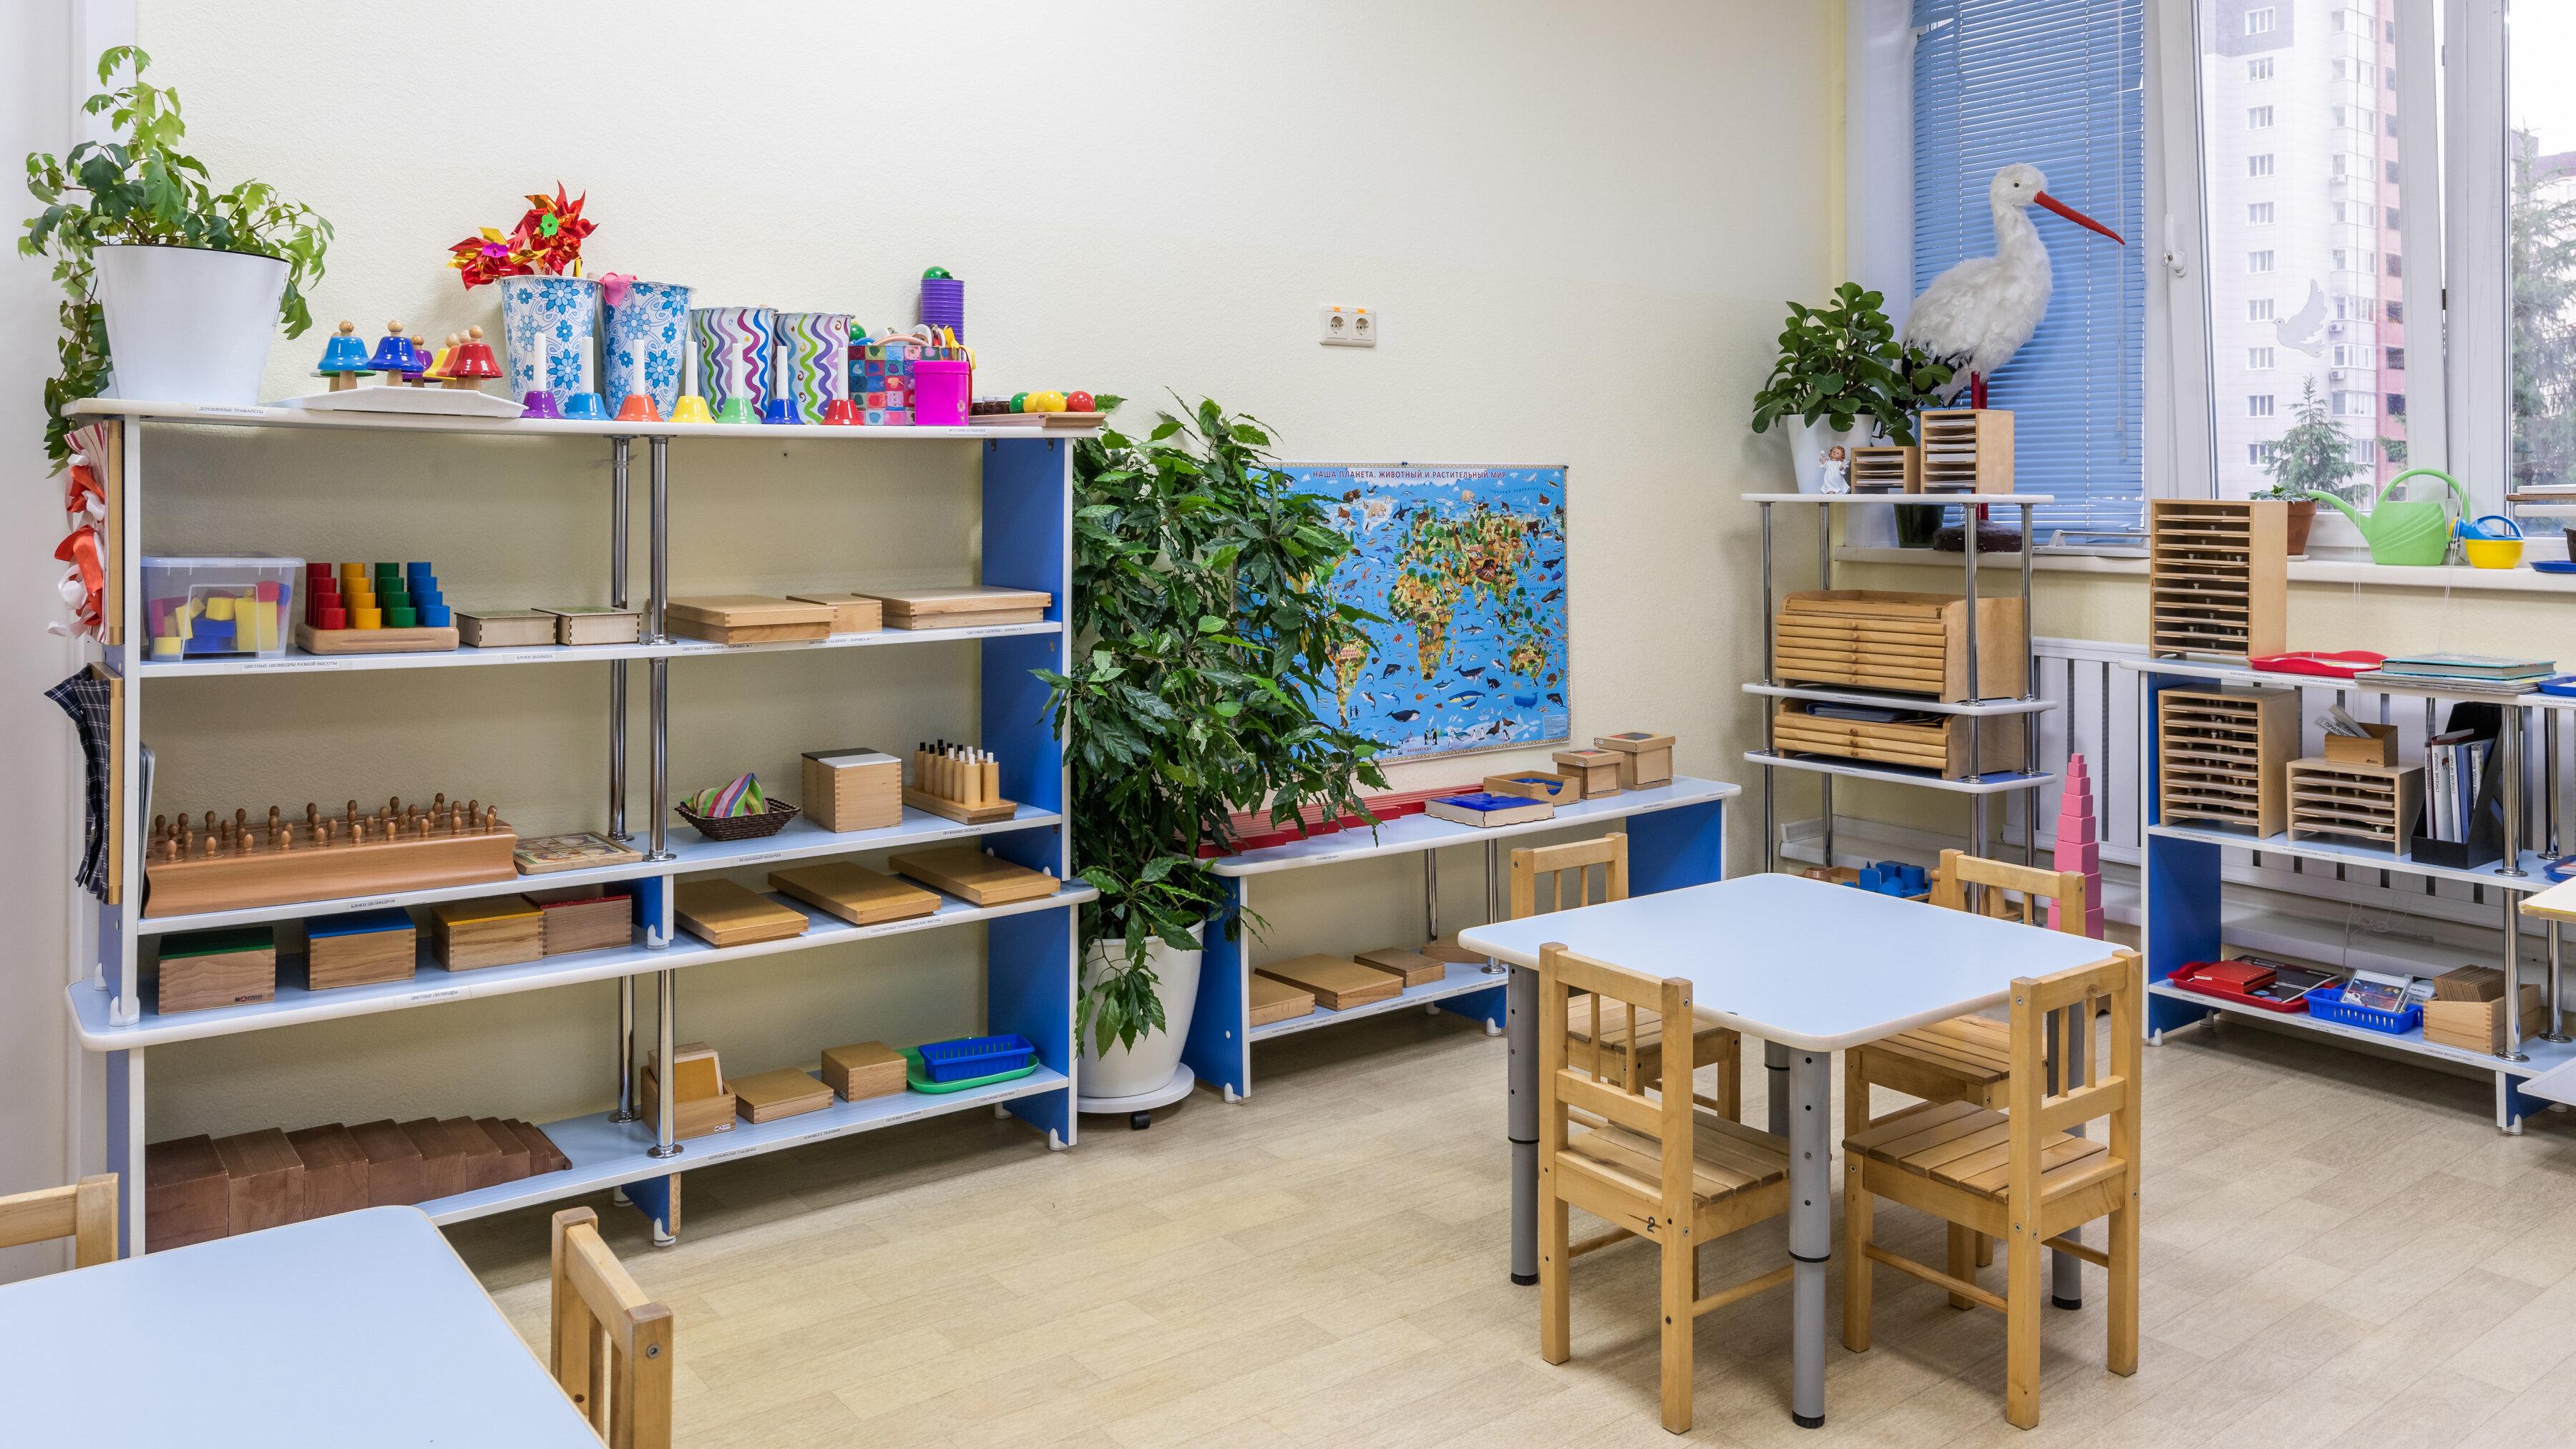 Центр развития детей/низкая арендная ставка